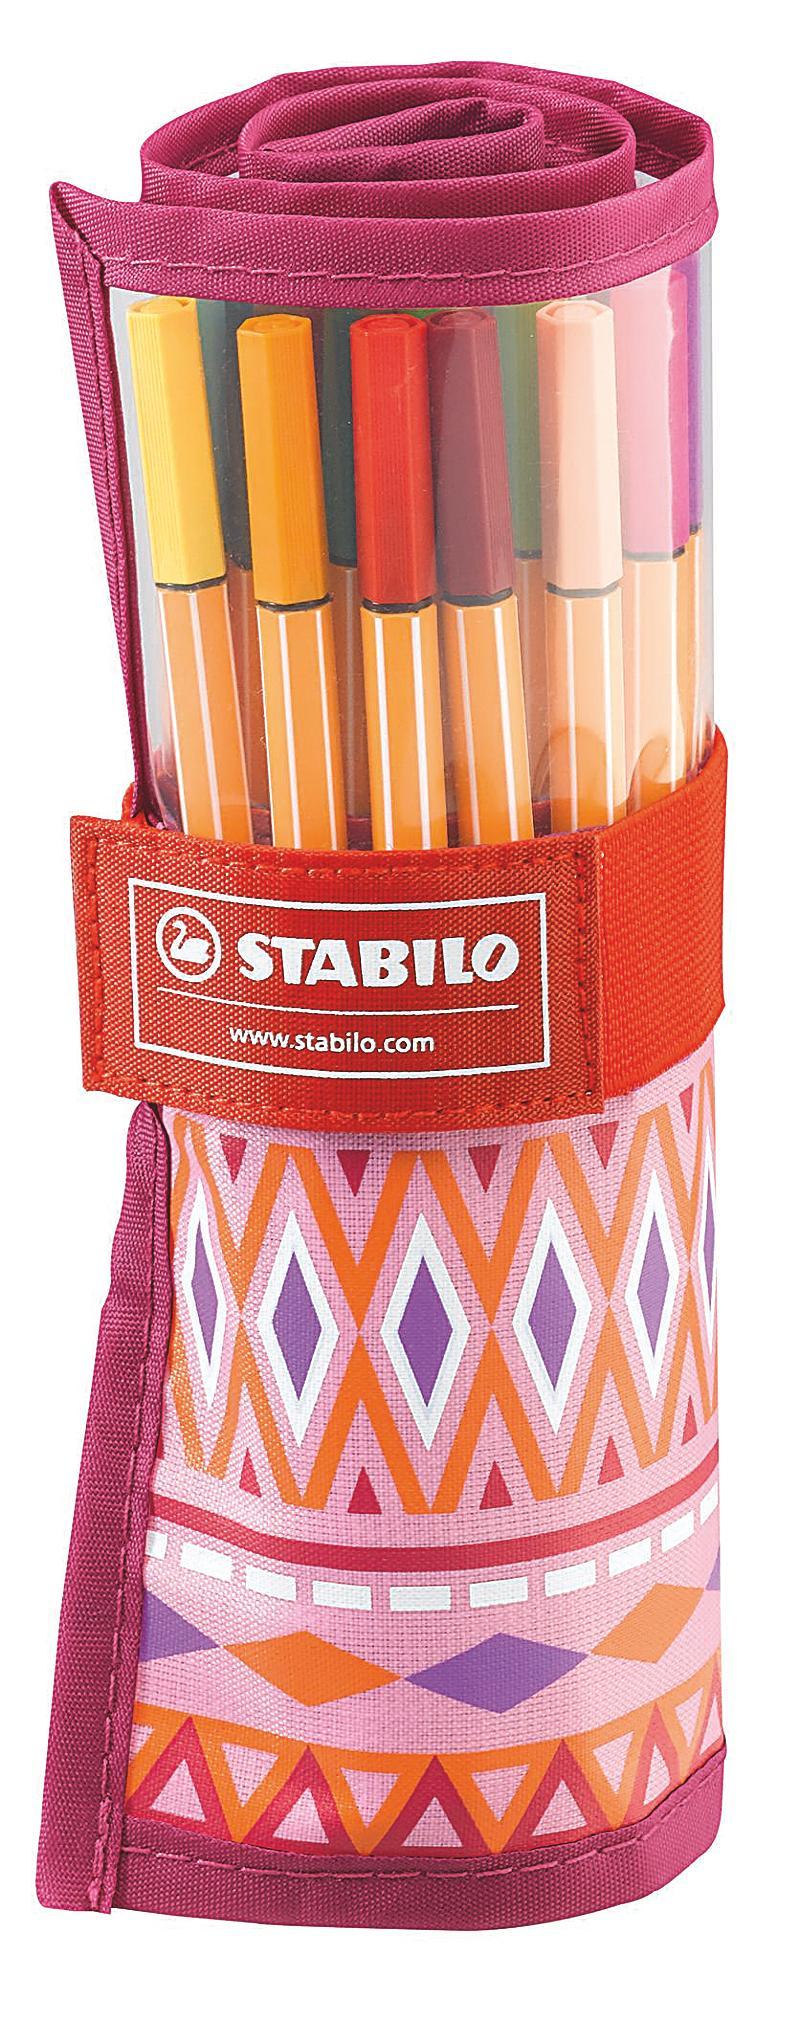 stabilo point 88 25er rollerset festival spirit pink rosa. Black Bedroom Furniture Sets. Home Design Ideas